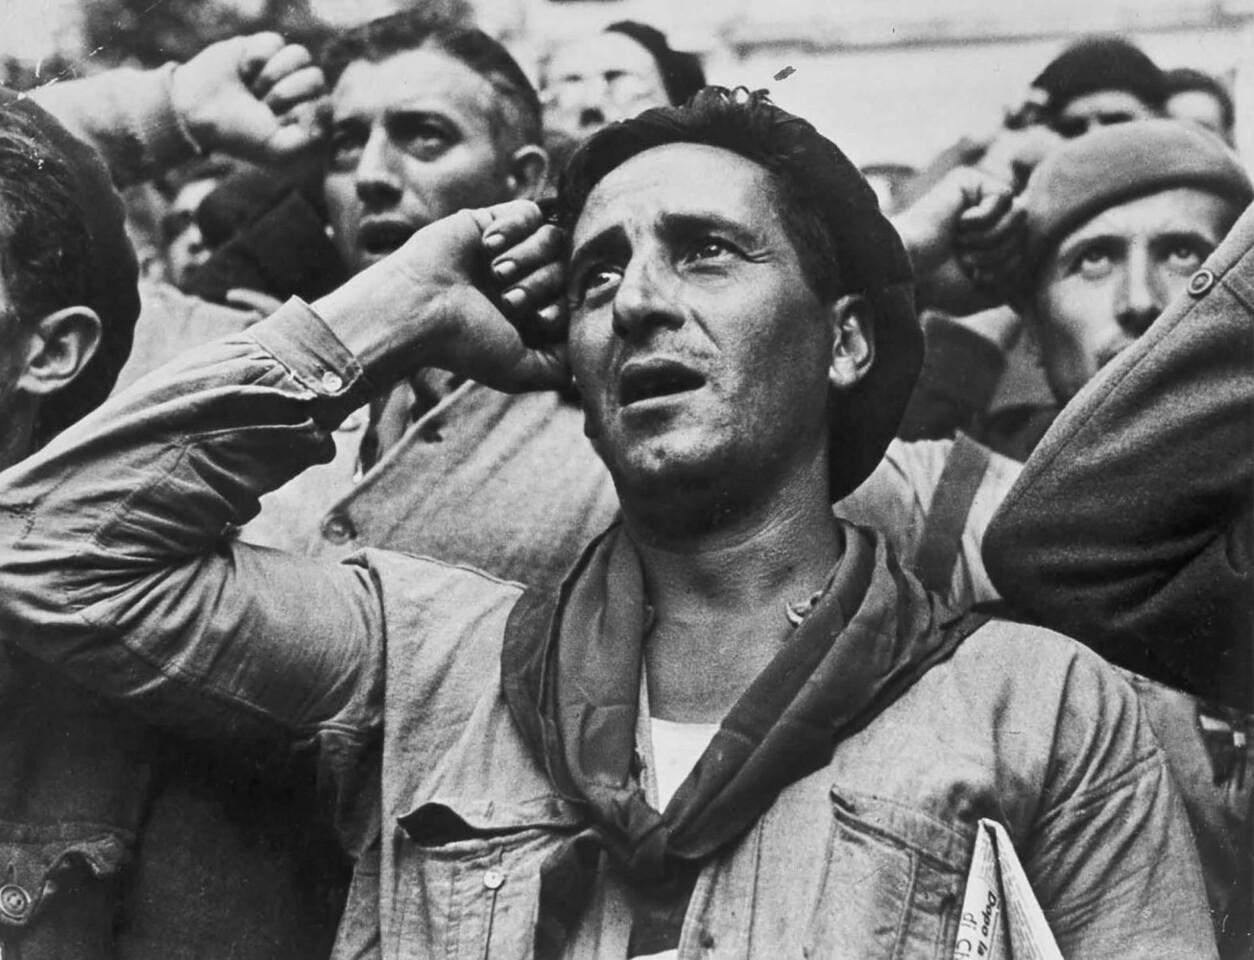 80 años de la Guerra Civil Española desde el lente de Robert Capa (2)